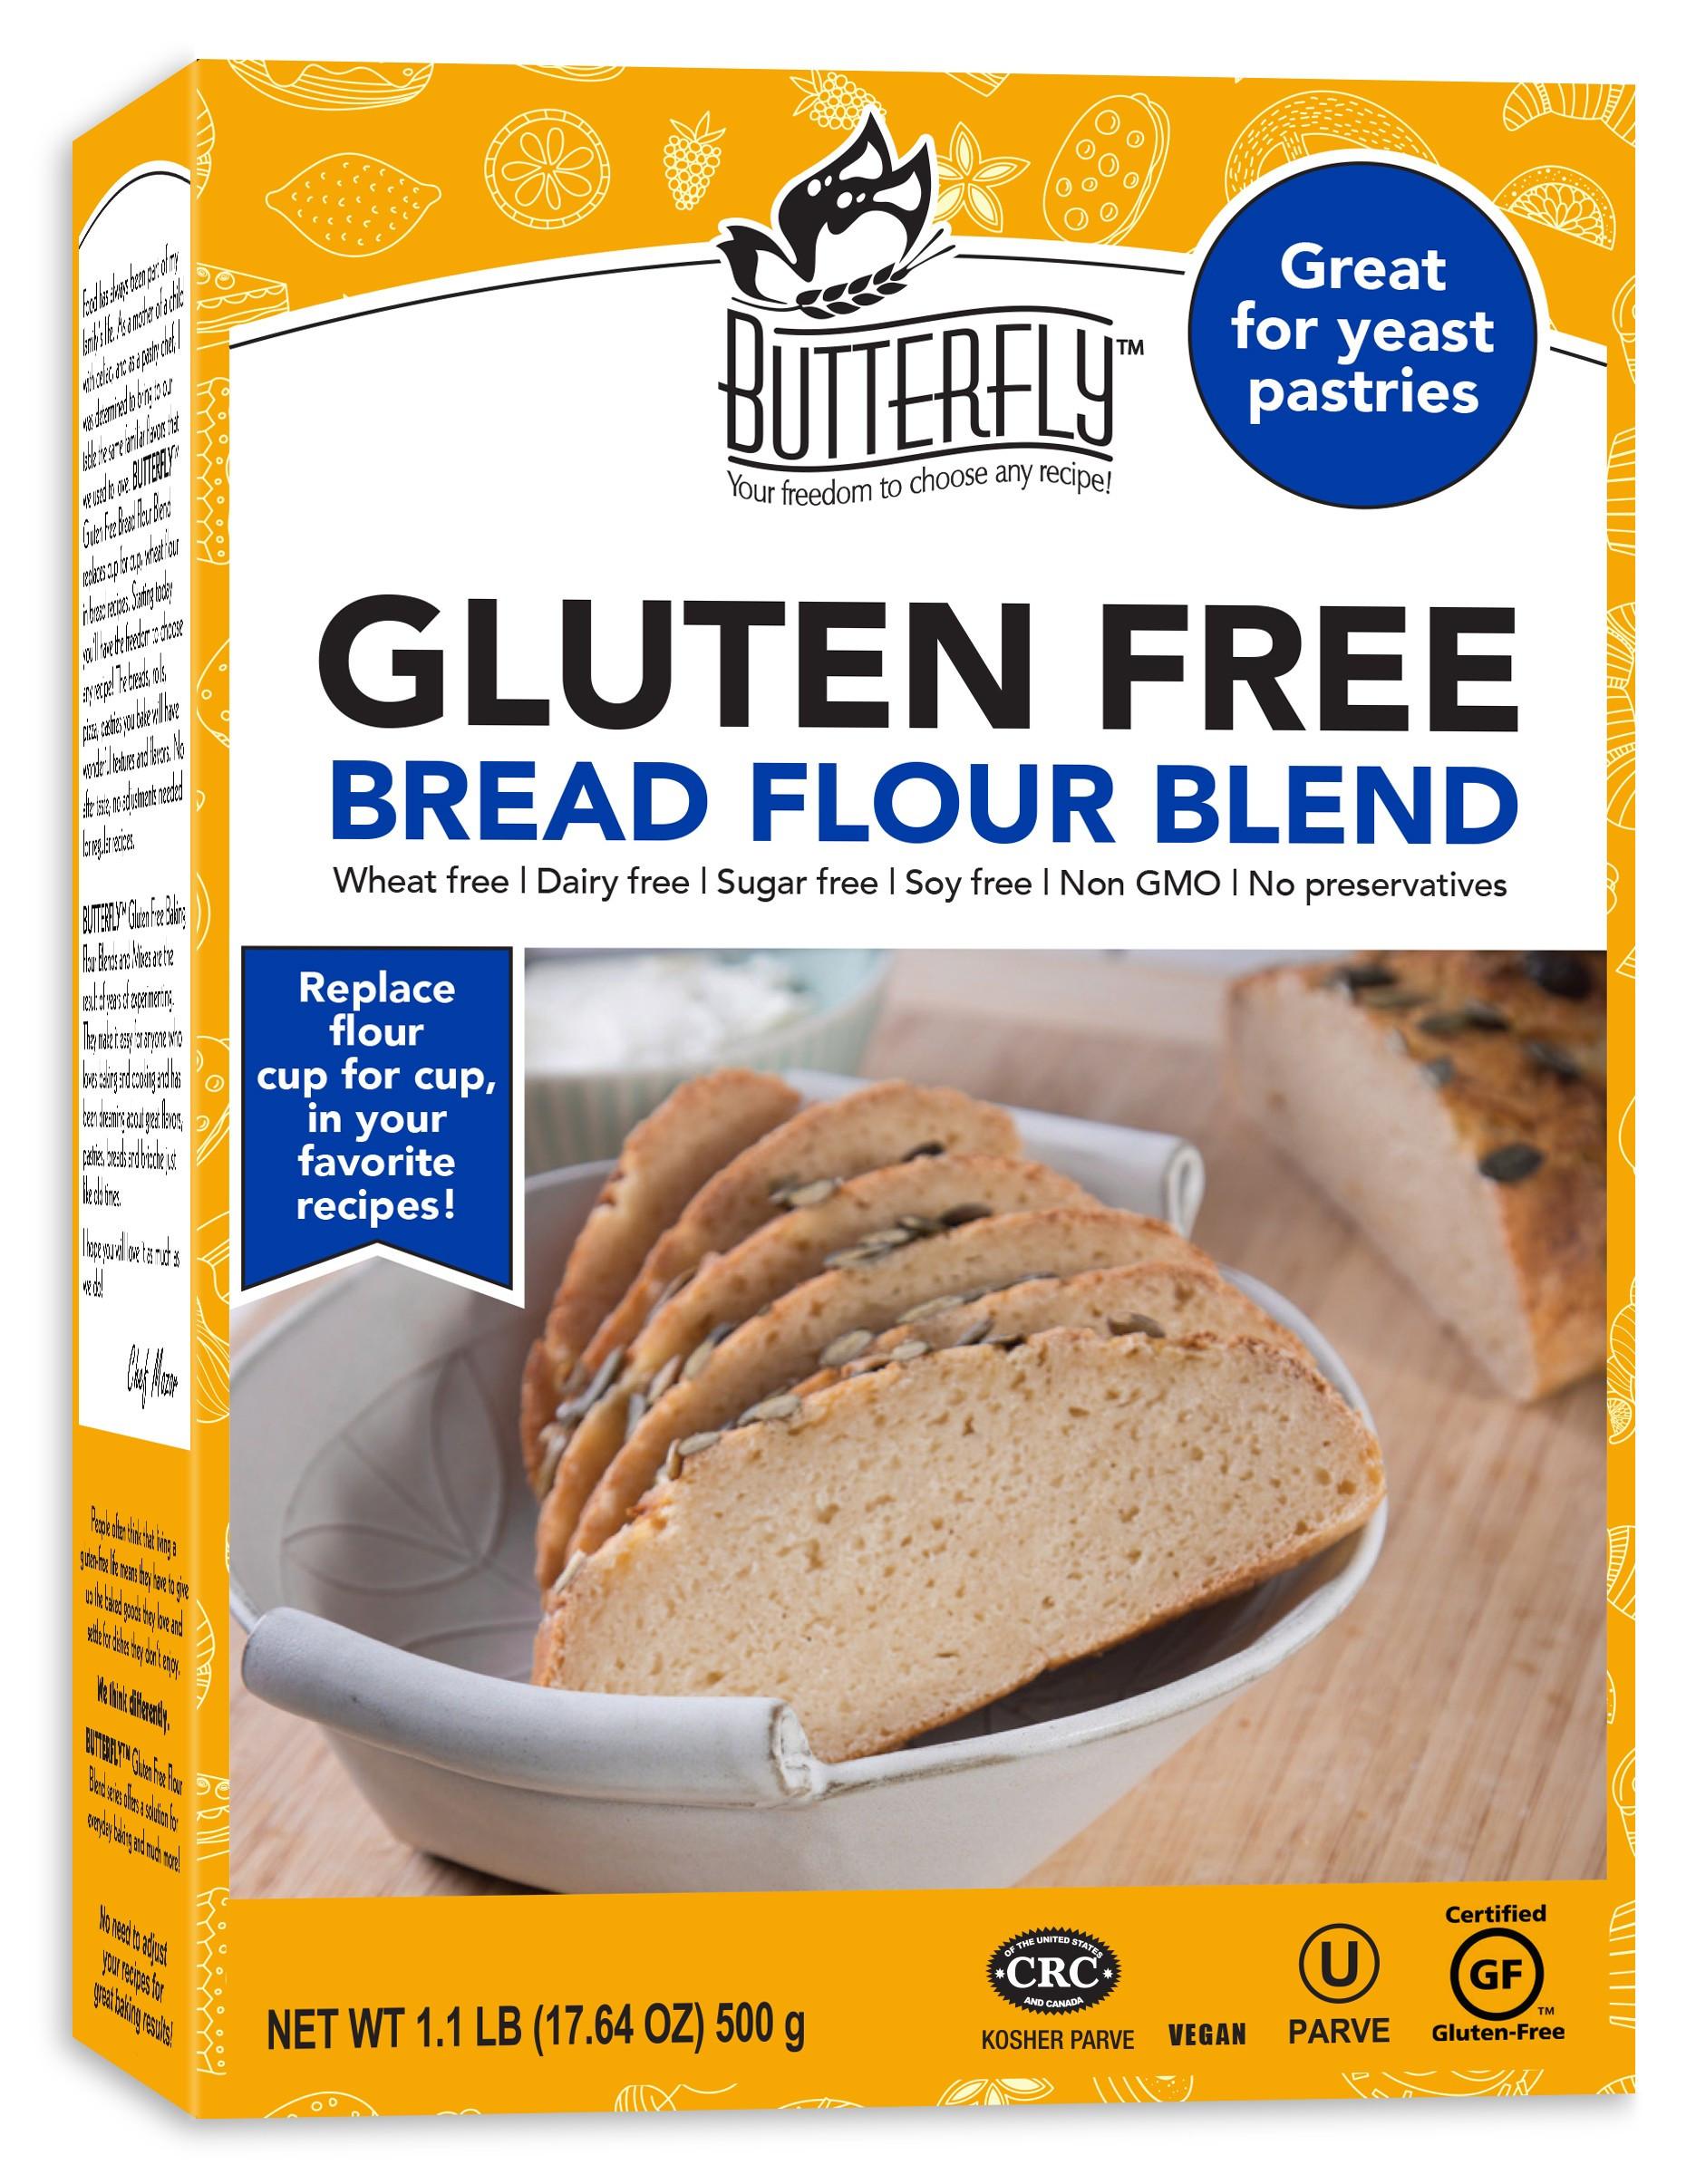 Gluten Free Bread Flour  Butterfly™ Gluten Free Bread Flour Blend 1 lb